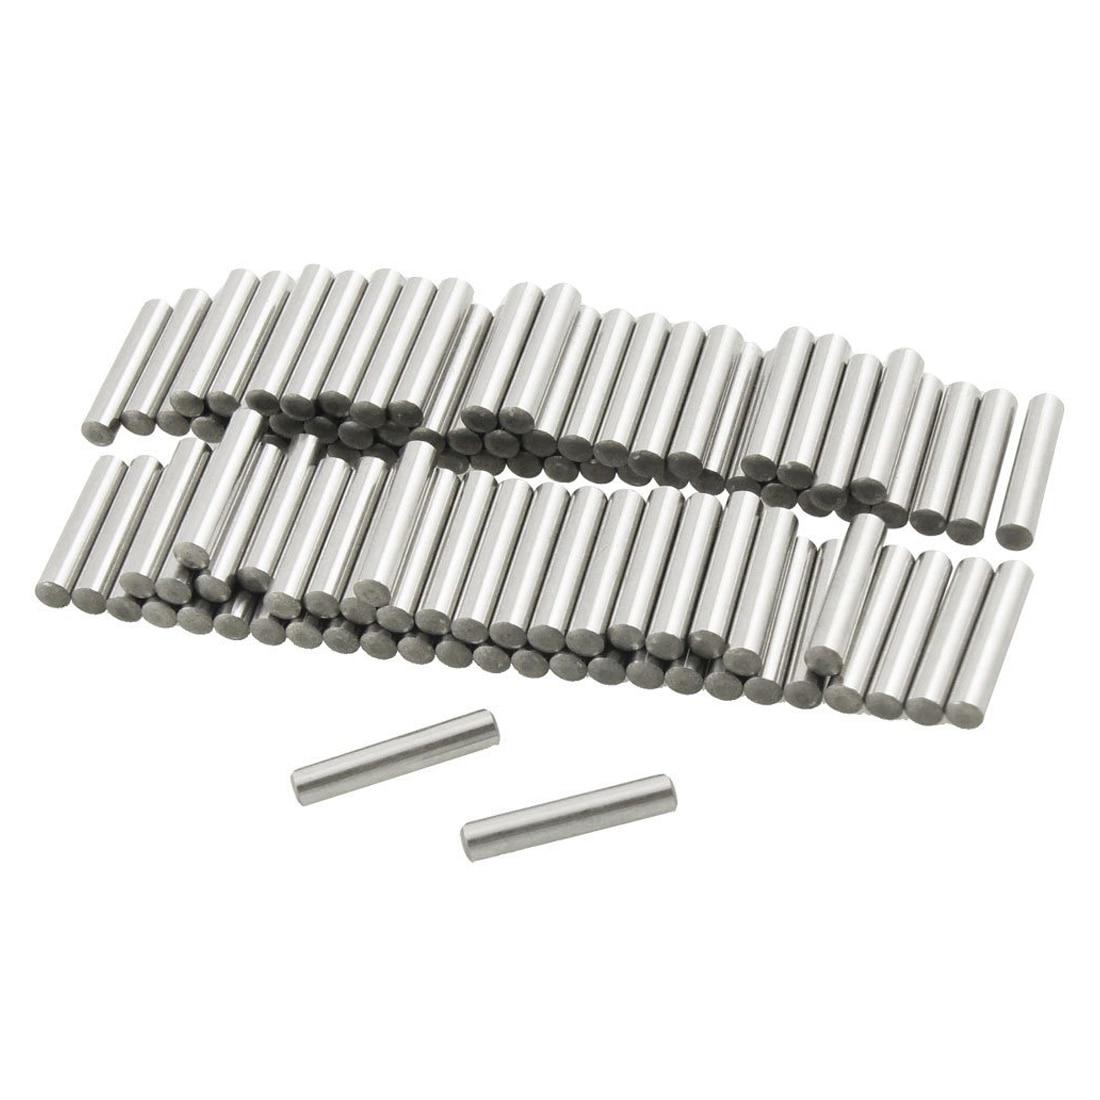 Online Buy Wholesale Dowel Pins Steel From China Dowel Pins Steel Wholesalers